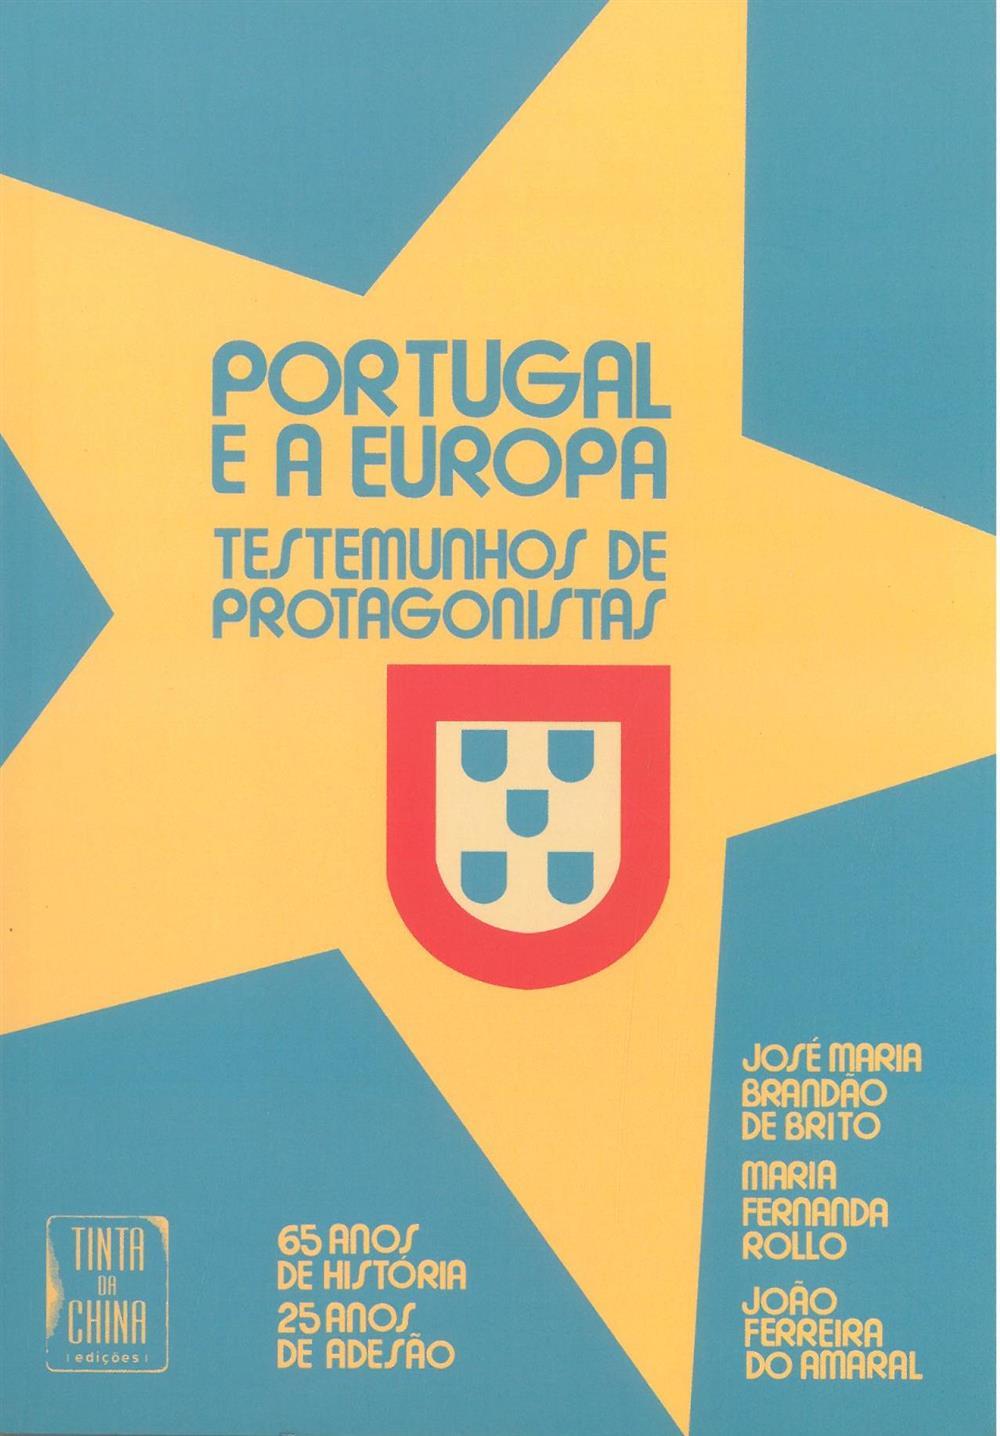 Portugal e a Europa_testemunhos de protagonistas.jpg